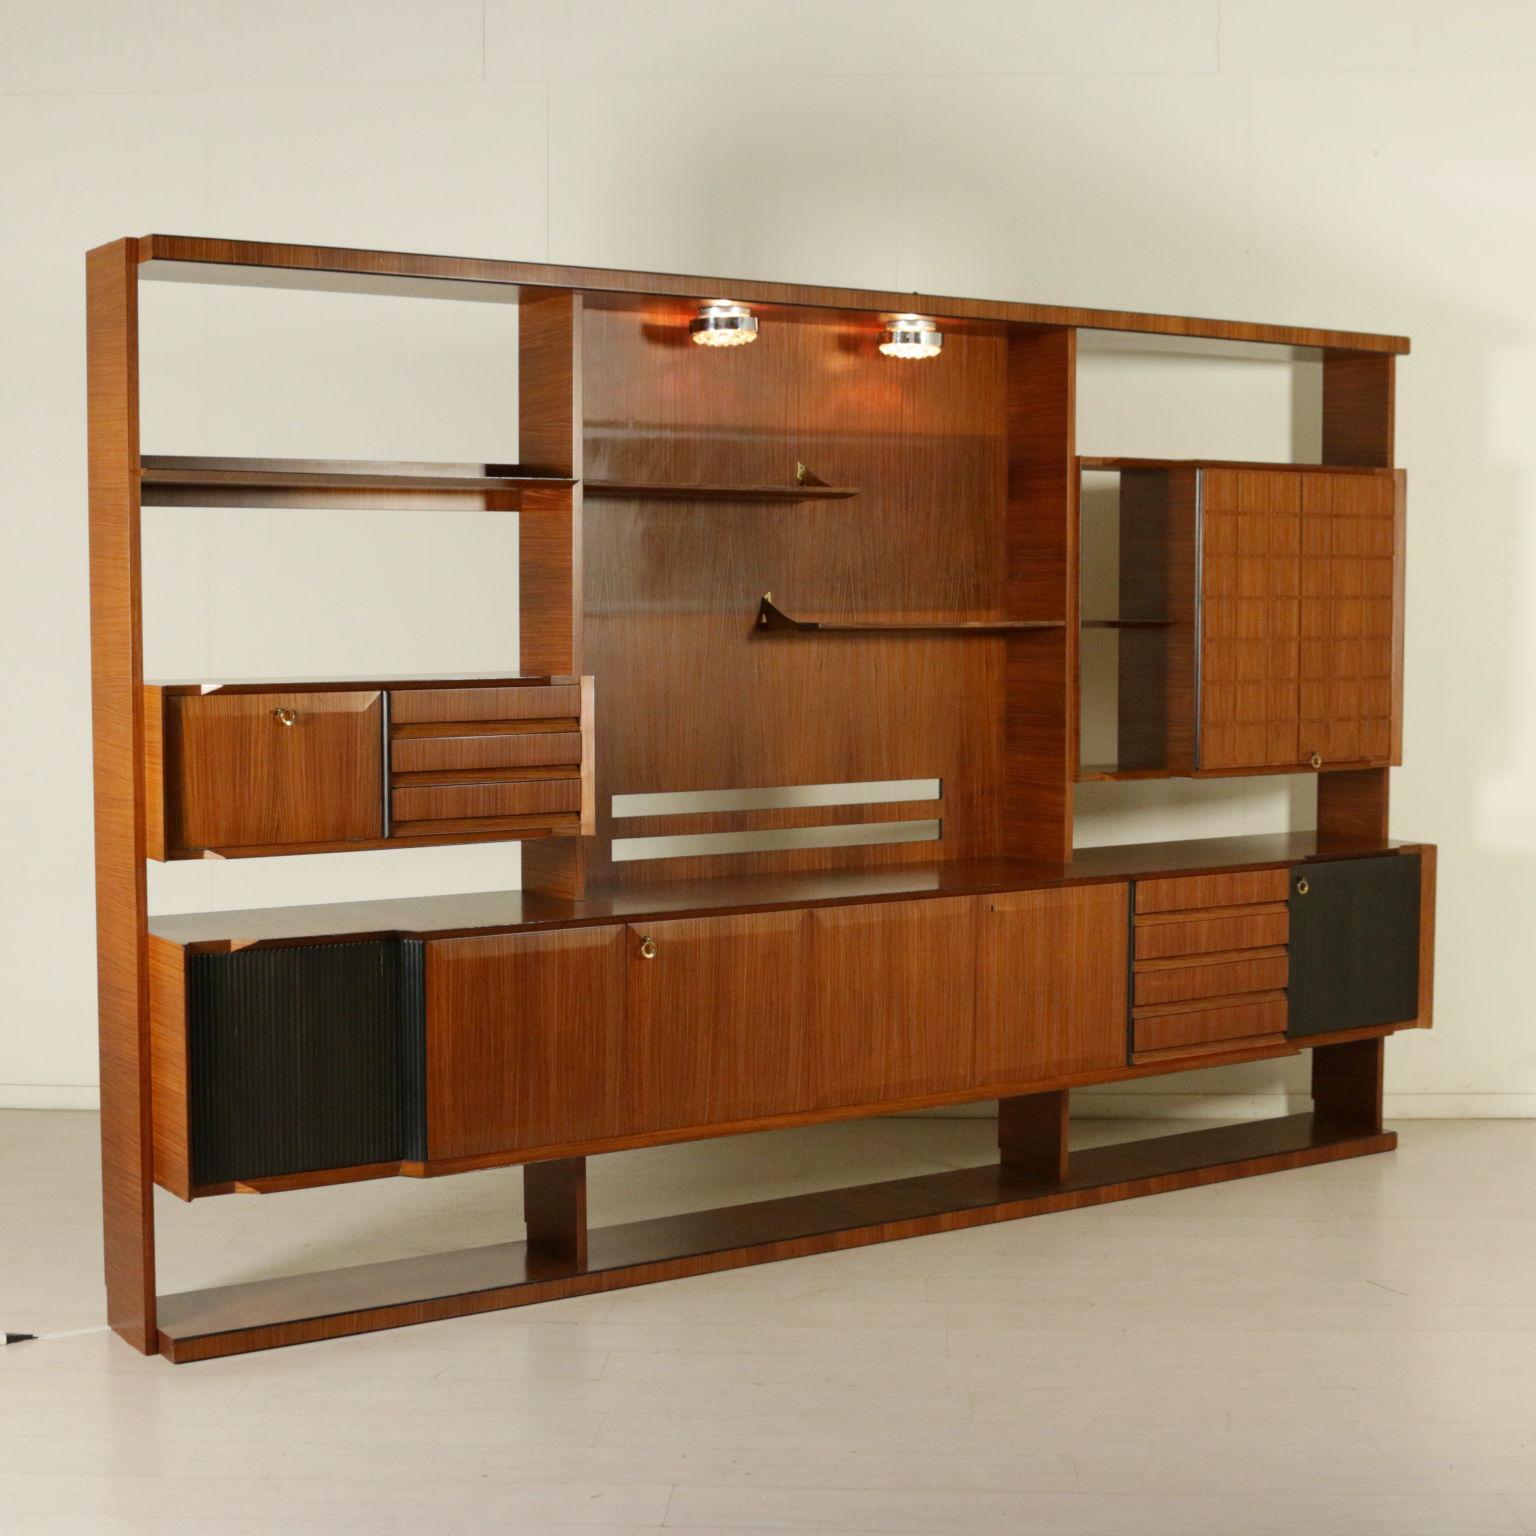 Mobile anni 60 mobilio modernariato for Mobili anni 60